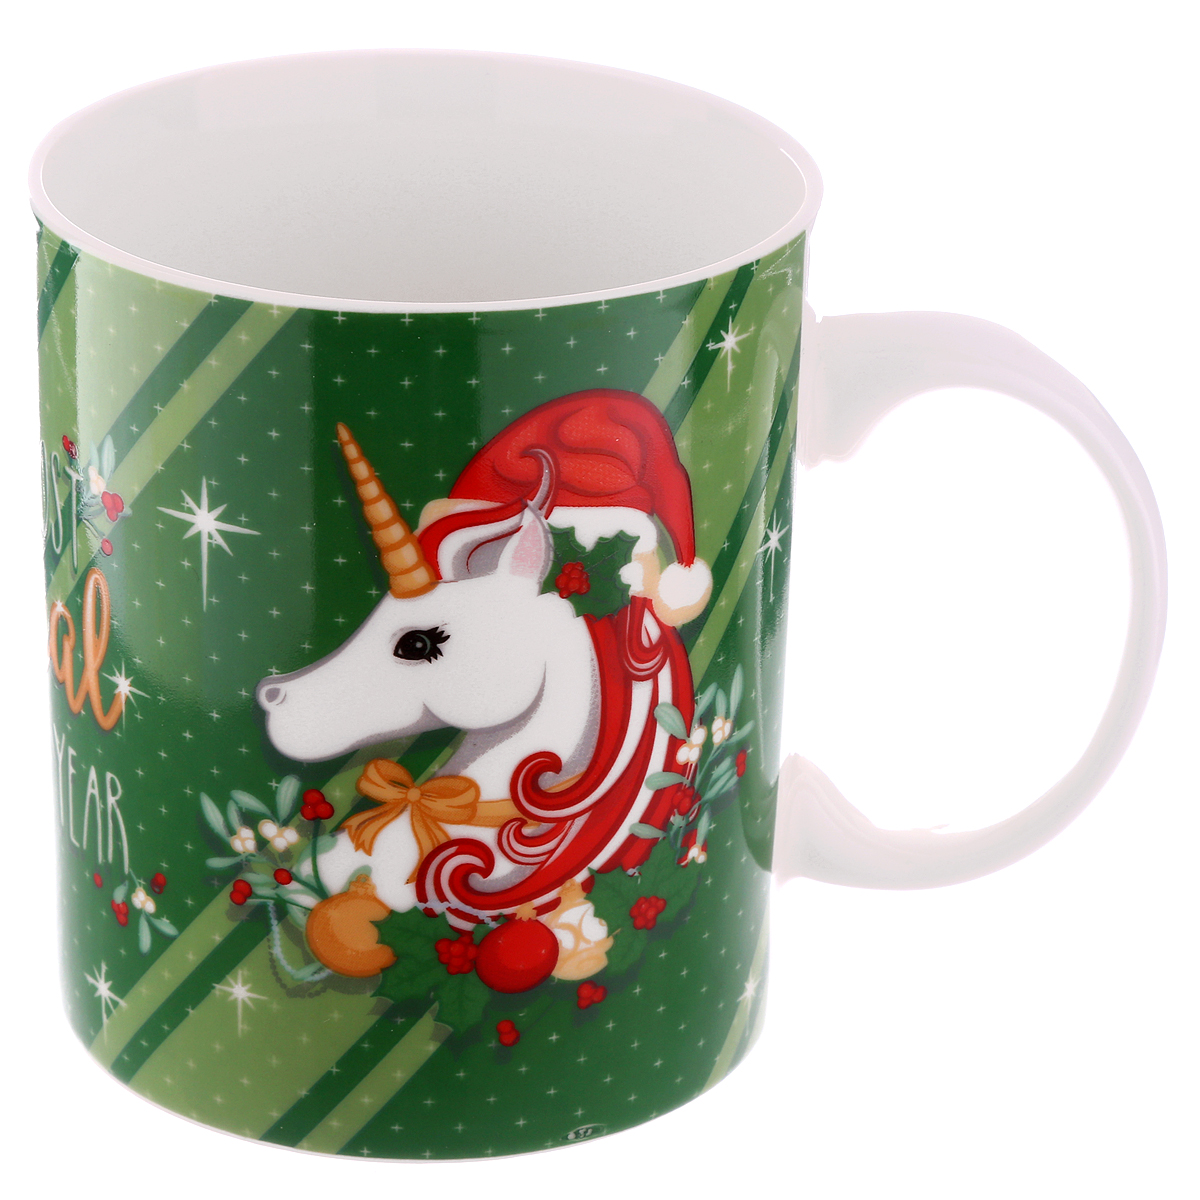 Einhorn Tasse aus Keramik Kaffeetasse Kaffeebecher Mug Einhorn Tasse Neu /& OVP